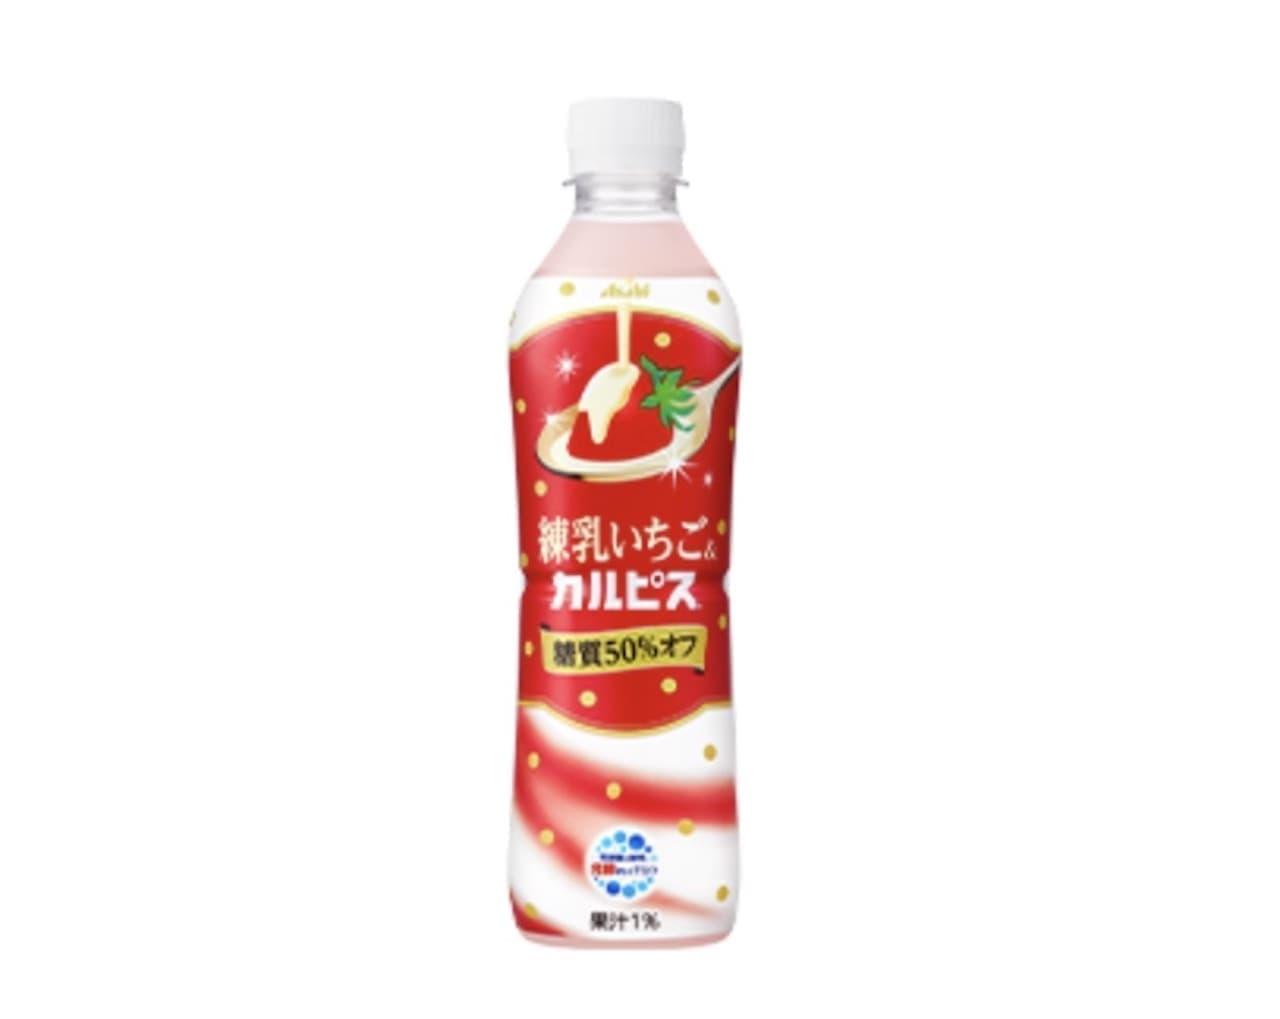 アサヒ飲料「練乳いちご&カルピス」